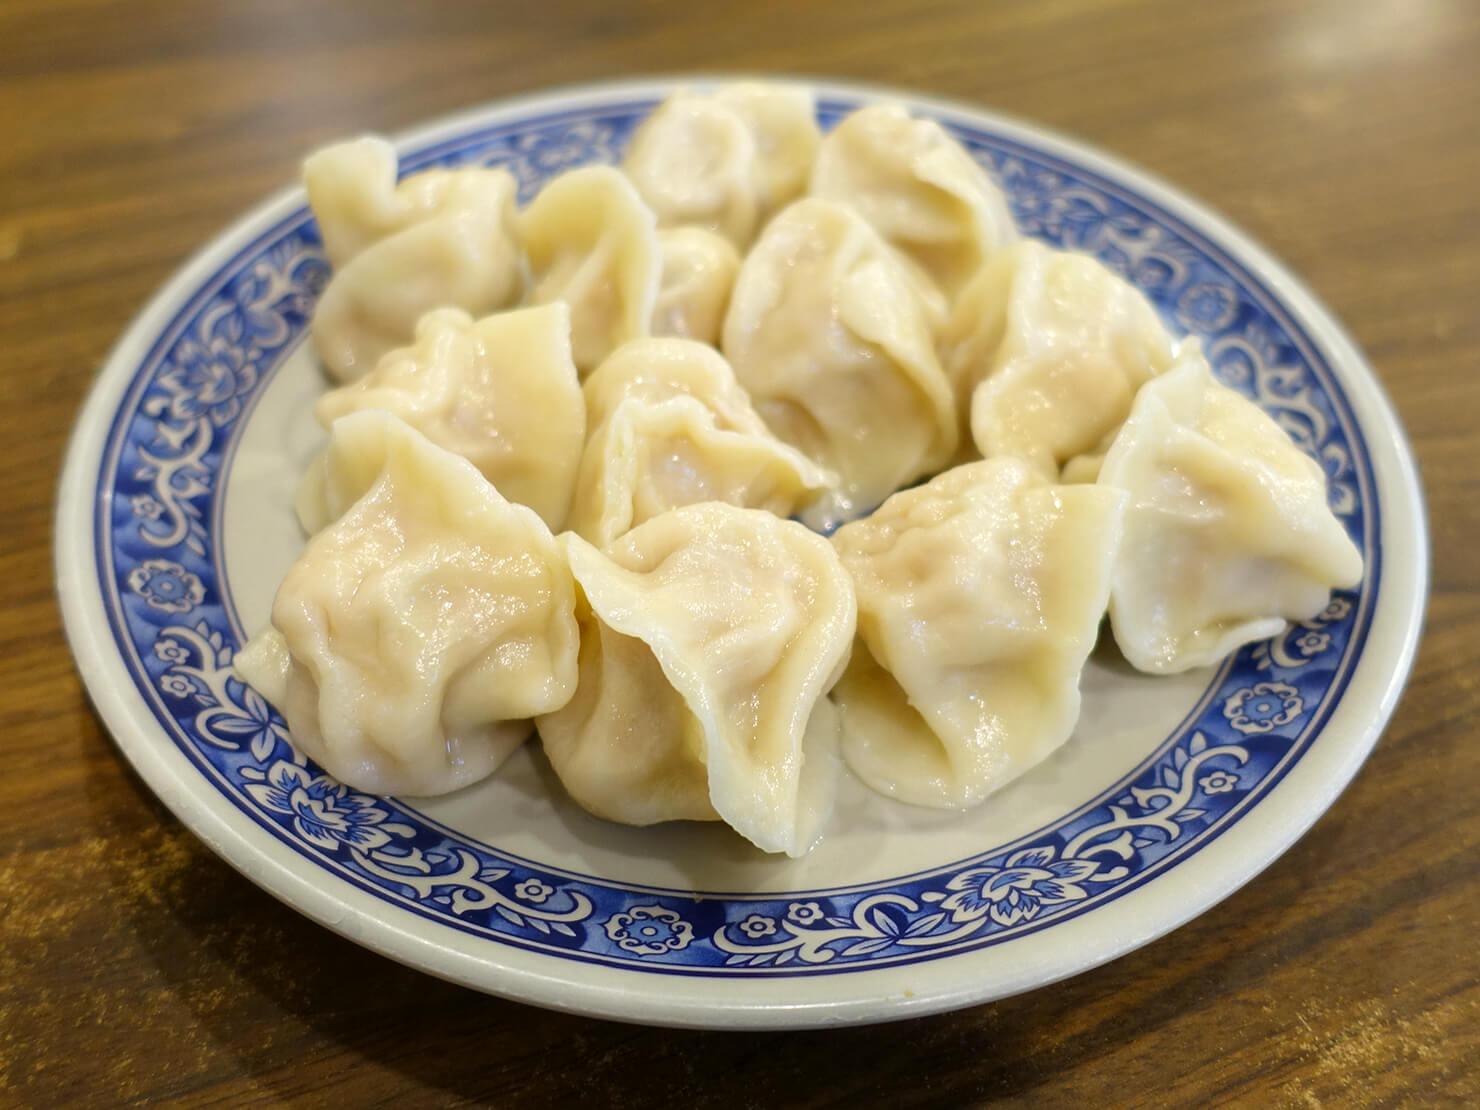 台北・臨江街夜市のおすすめグルメ店「杜記麵館」の鮮肉水餃